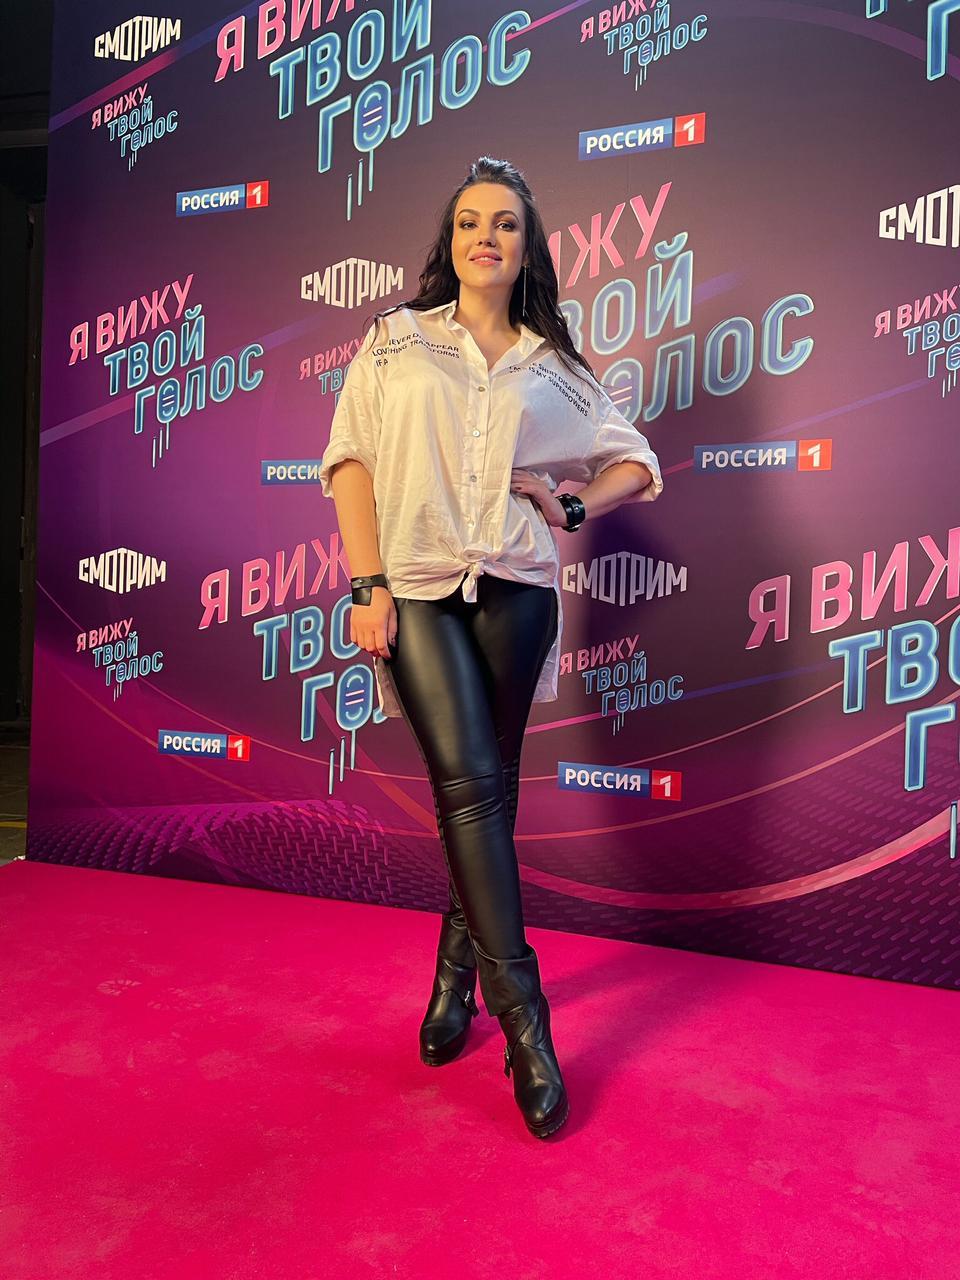 Звезда шоу «Голос» Наталья Сидорцова, «Я вижу твой голос» на канале «Россия 1»